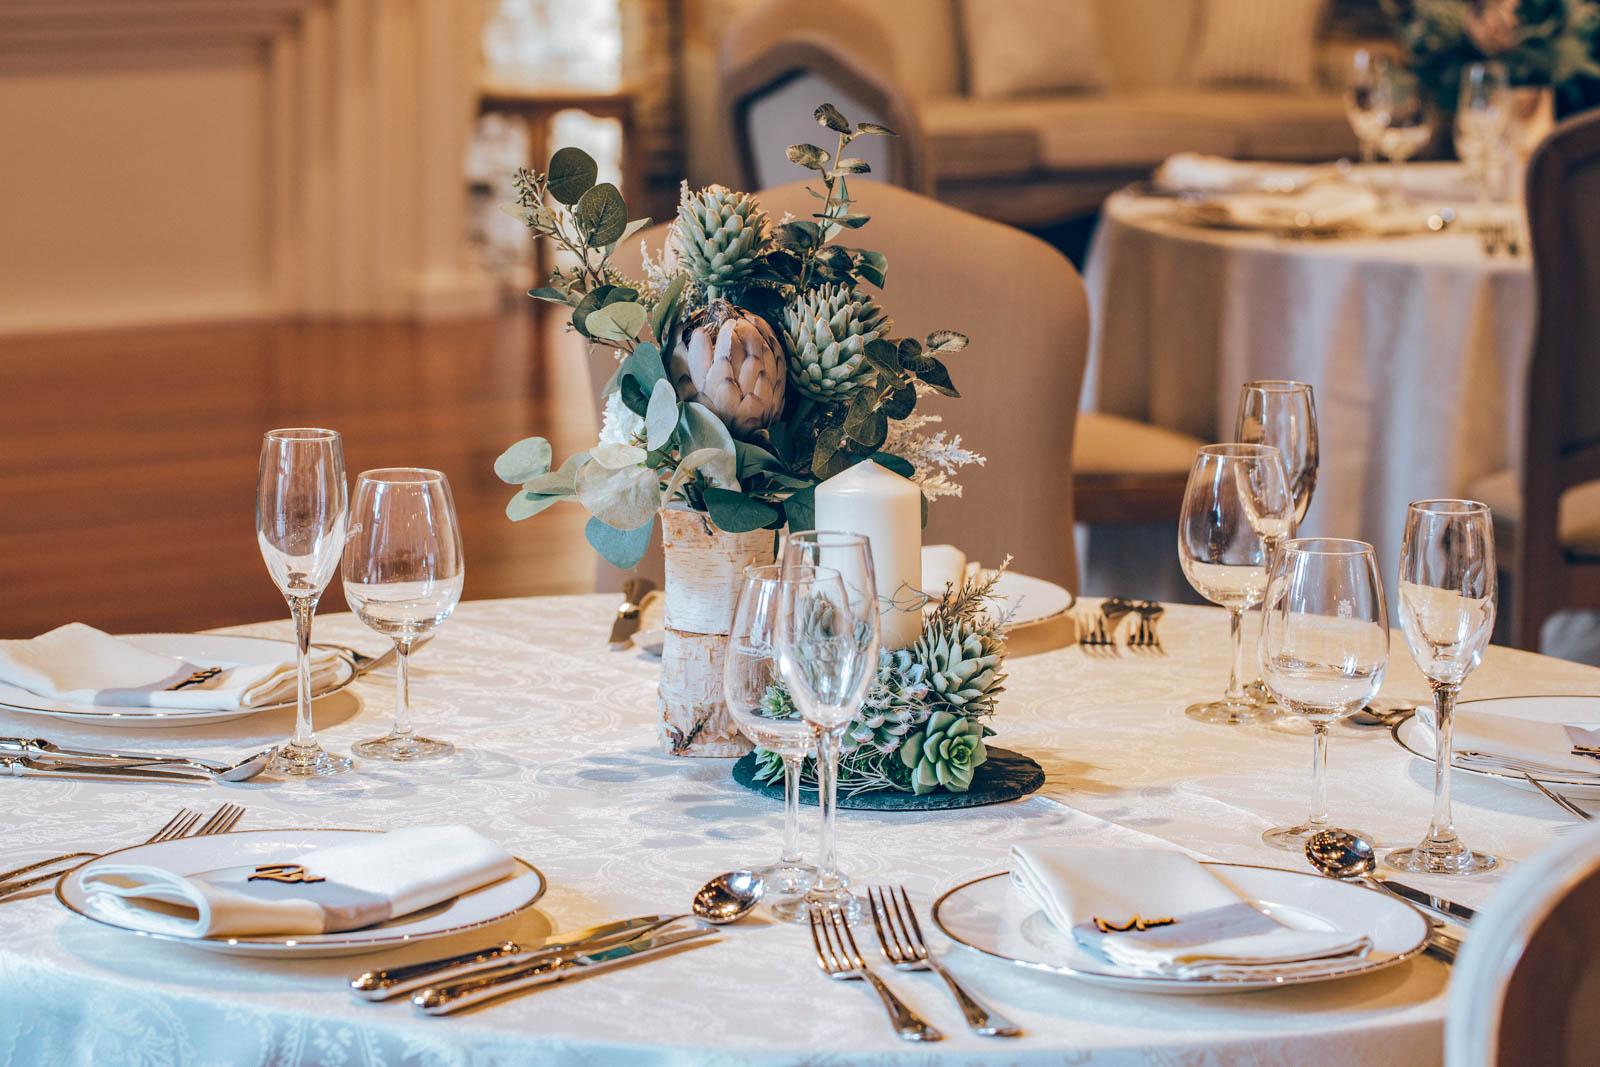 濃濃浪漫感融入豪華氛圍當中的餐桌擺設